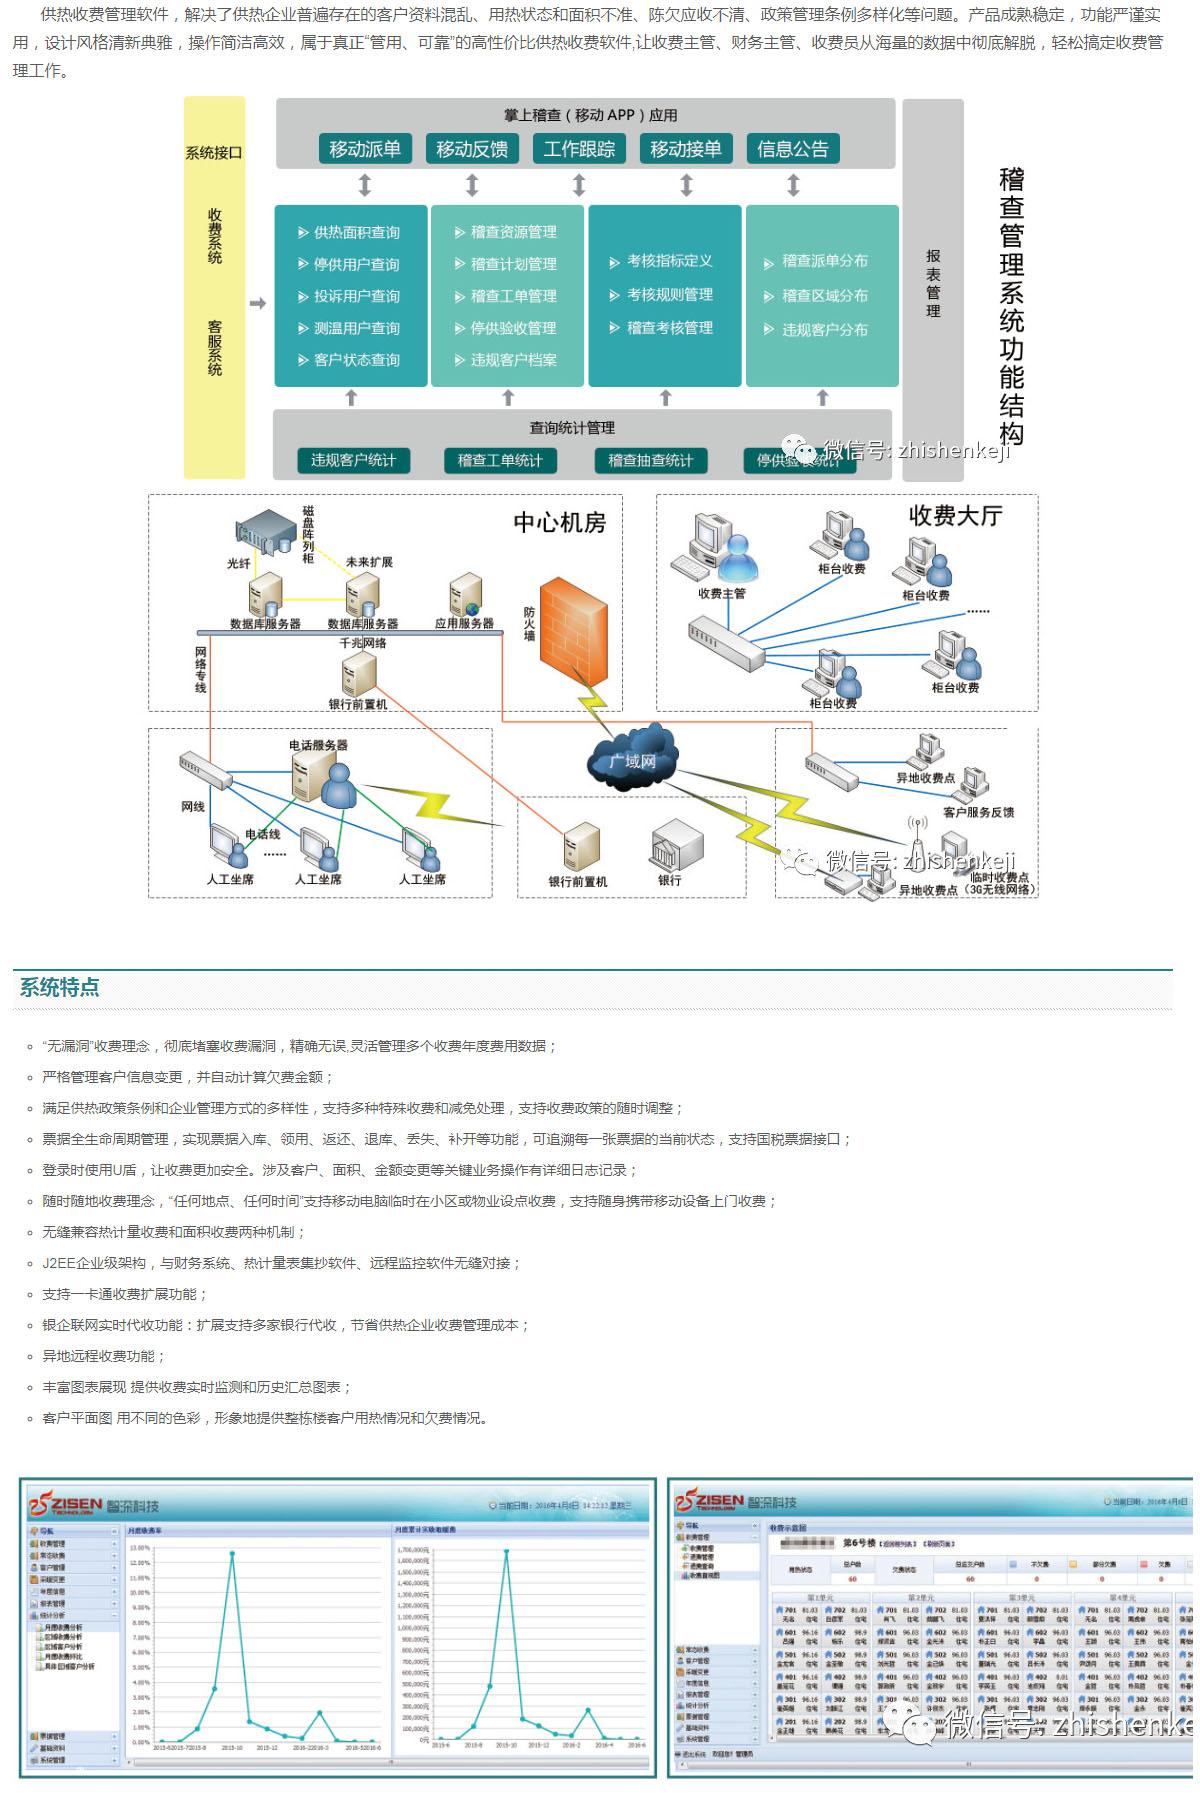 ZHR供热收费系统1.jpg